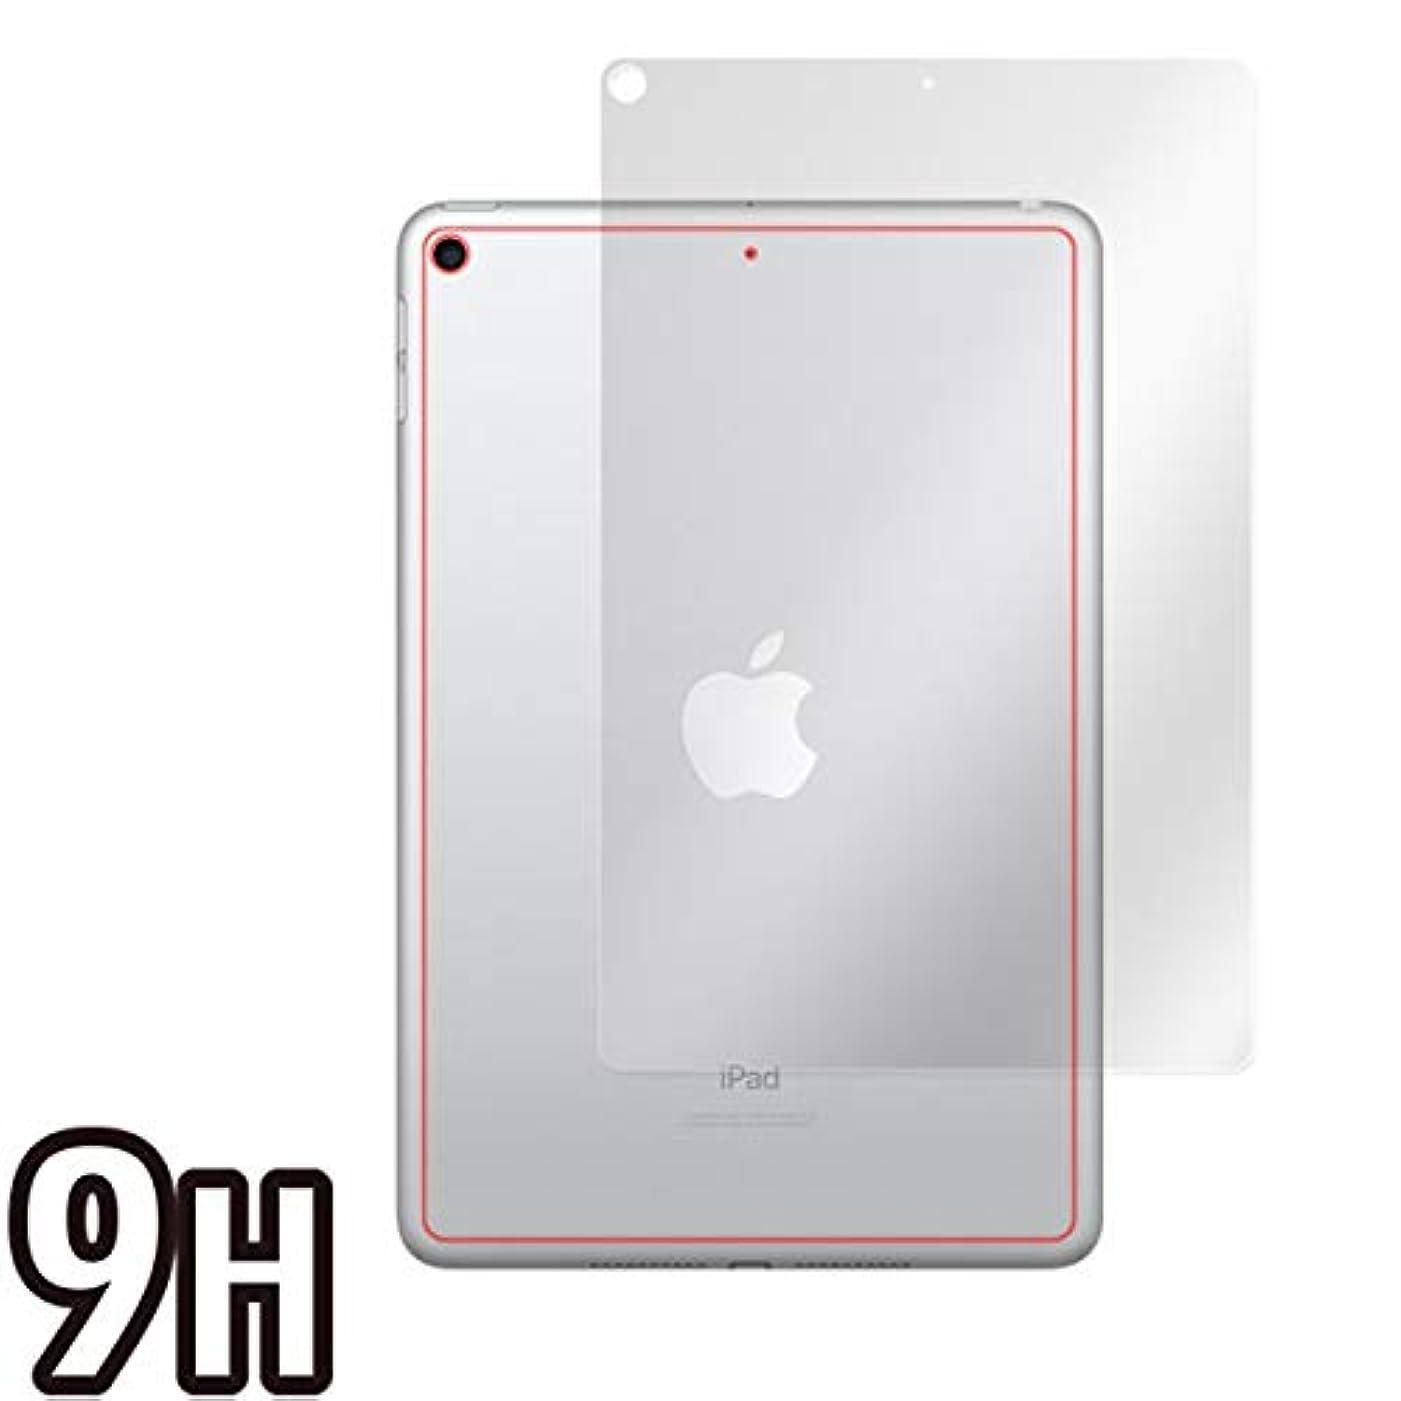 上記の頭と肩異常焼くPET製フィルム 強化ガラス同等の硬度 高硬度9H素材採用 iPad mini (第5世代) (Wi-Fiモデル) / iPad mini 5 2019 用 日本製 光沢液晶背面フィルム OverLay Brilliant 9H O9HBIPADM5/B/4